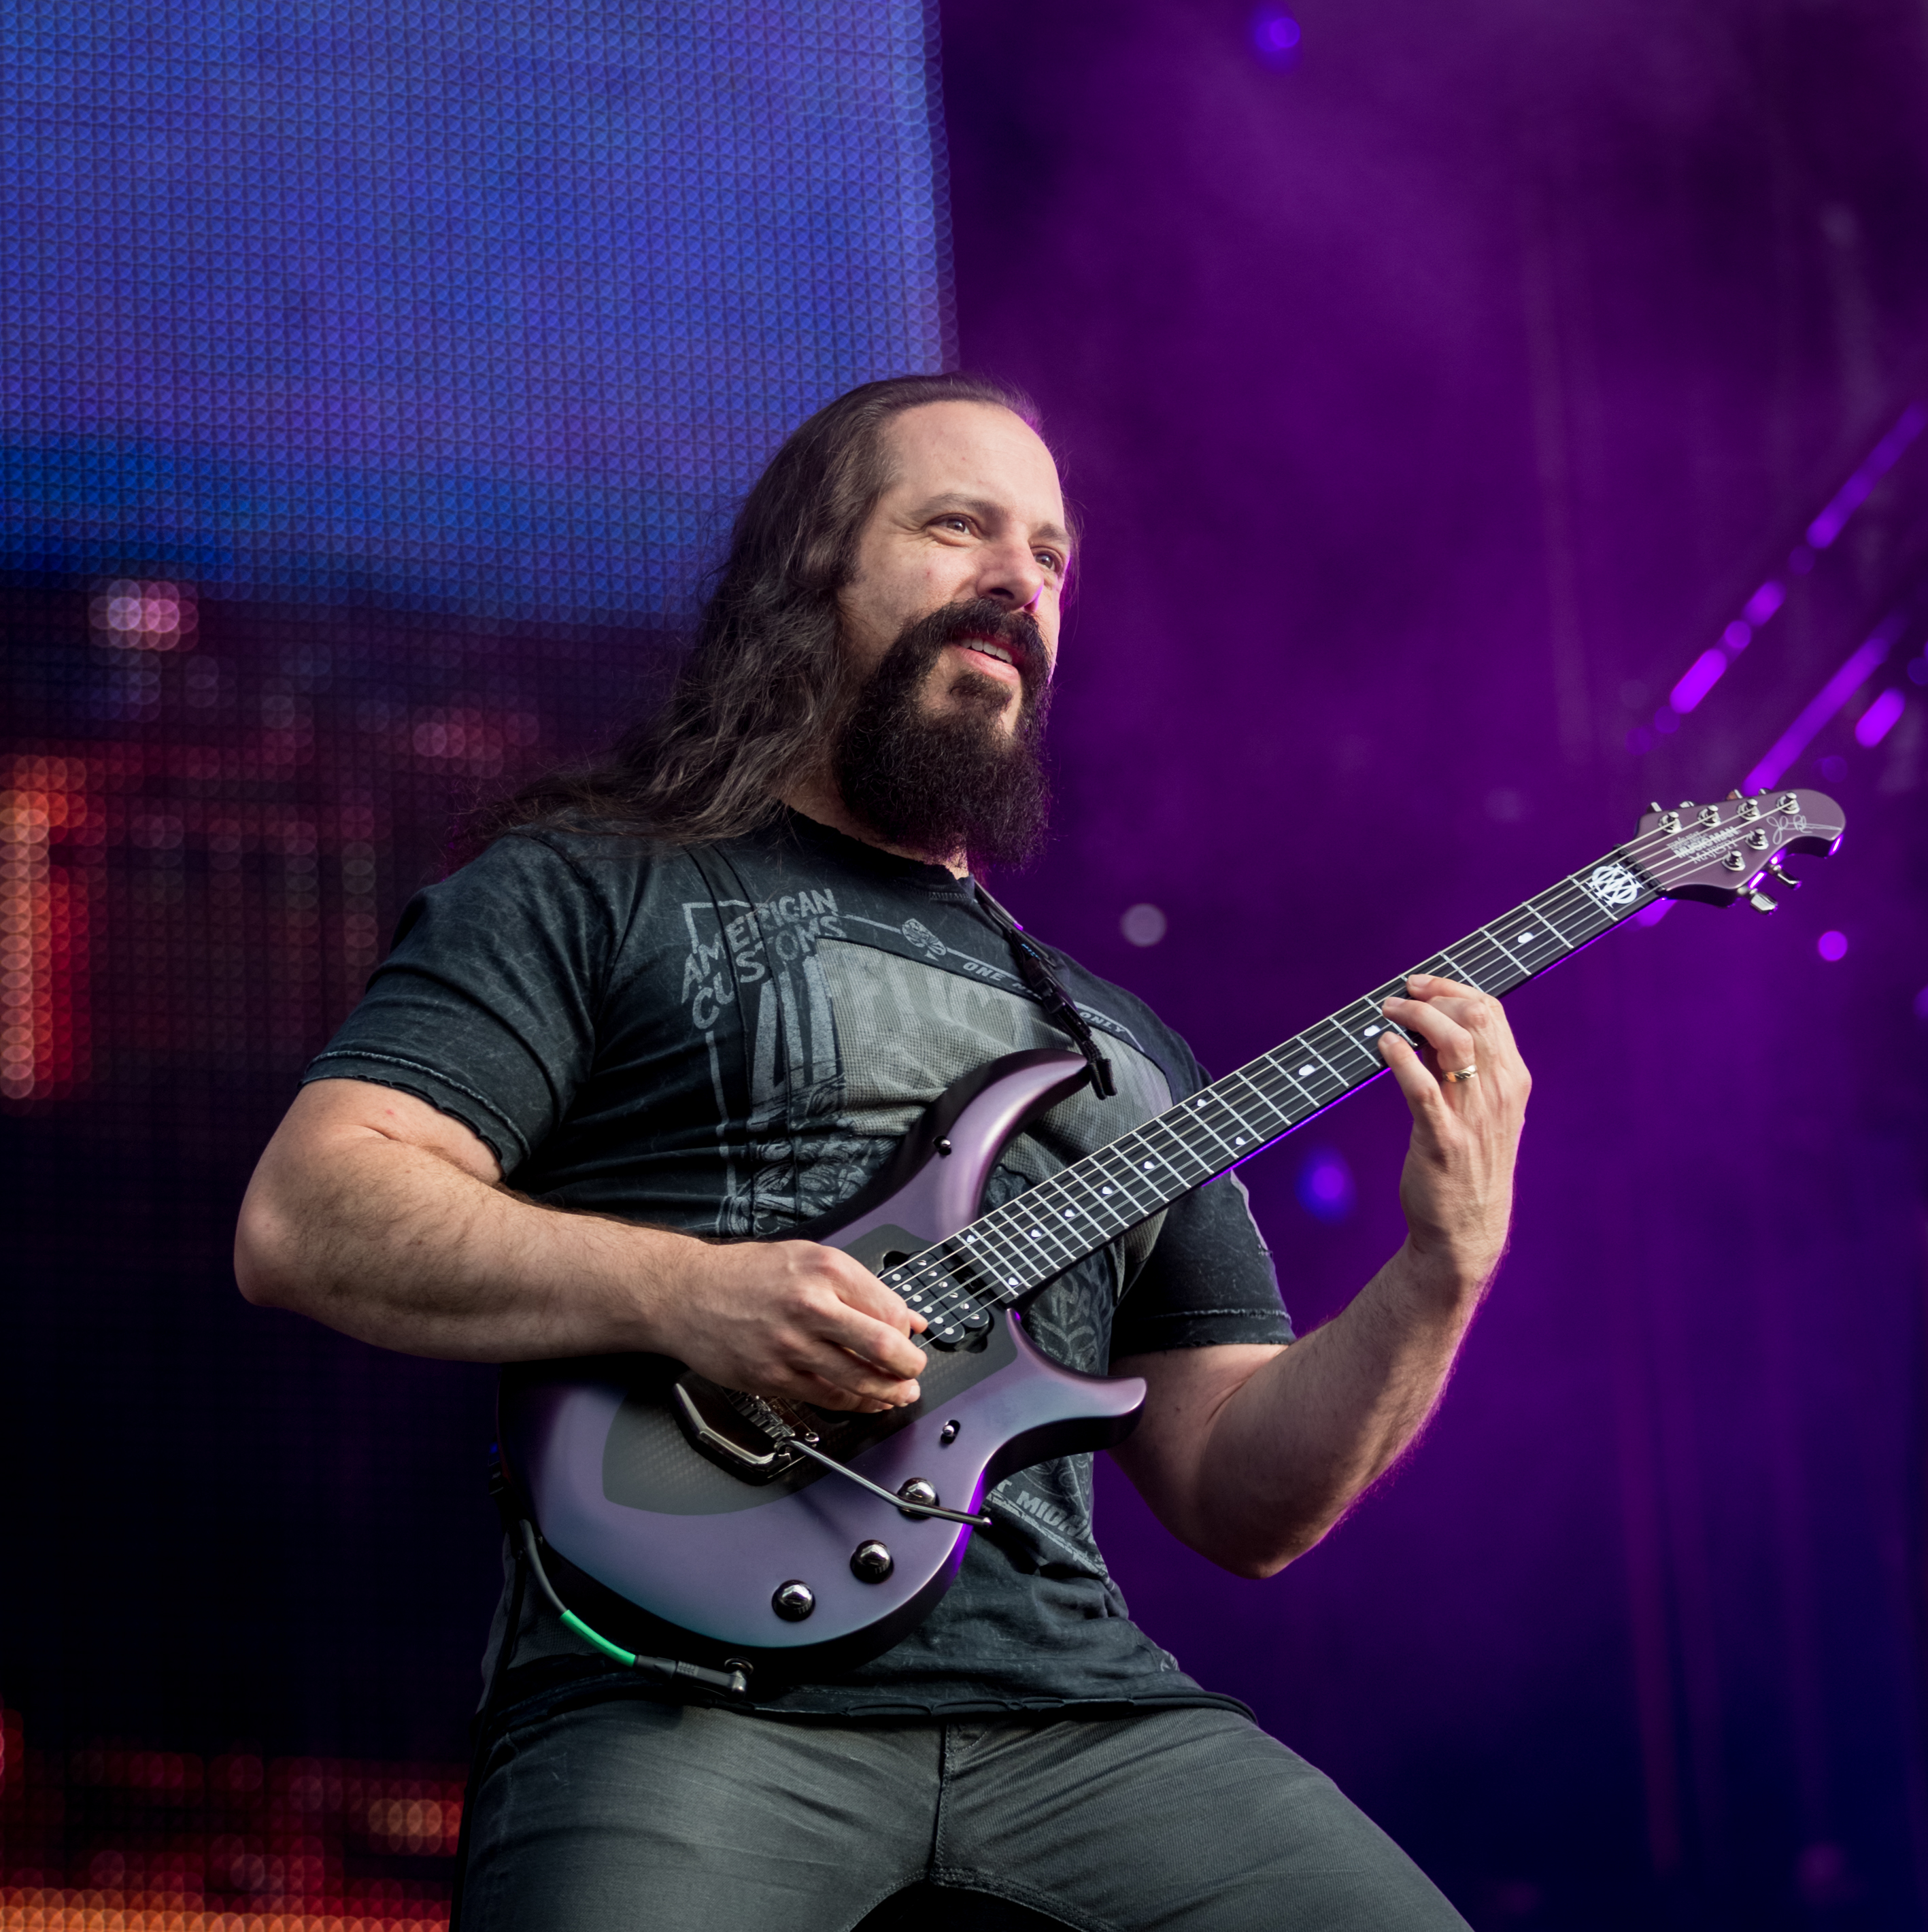 Depiction of John Petrucci